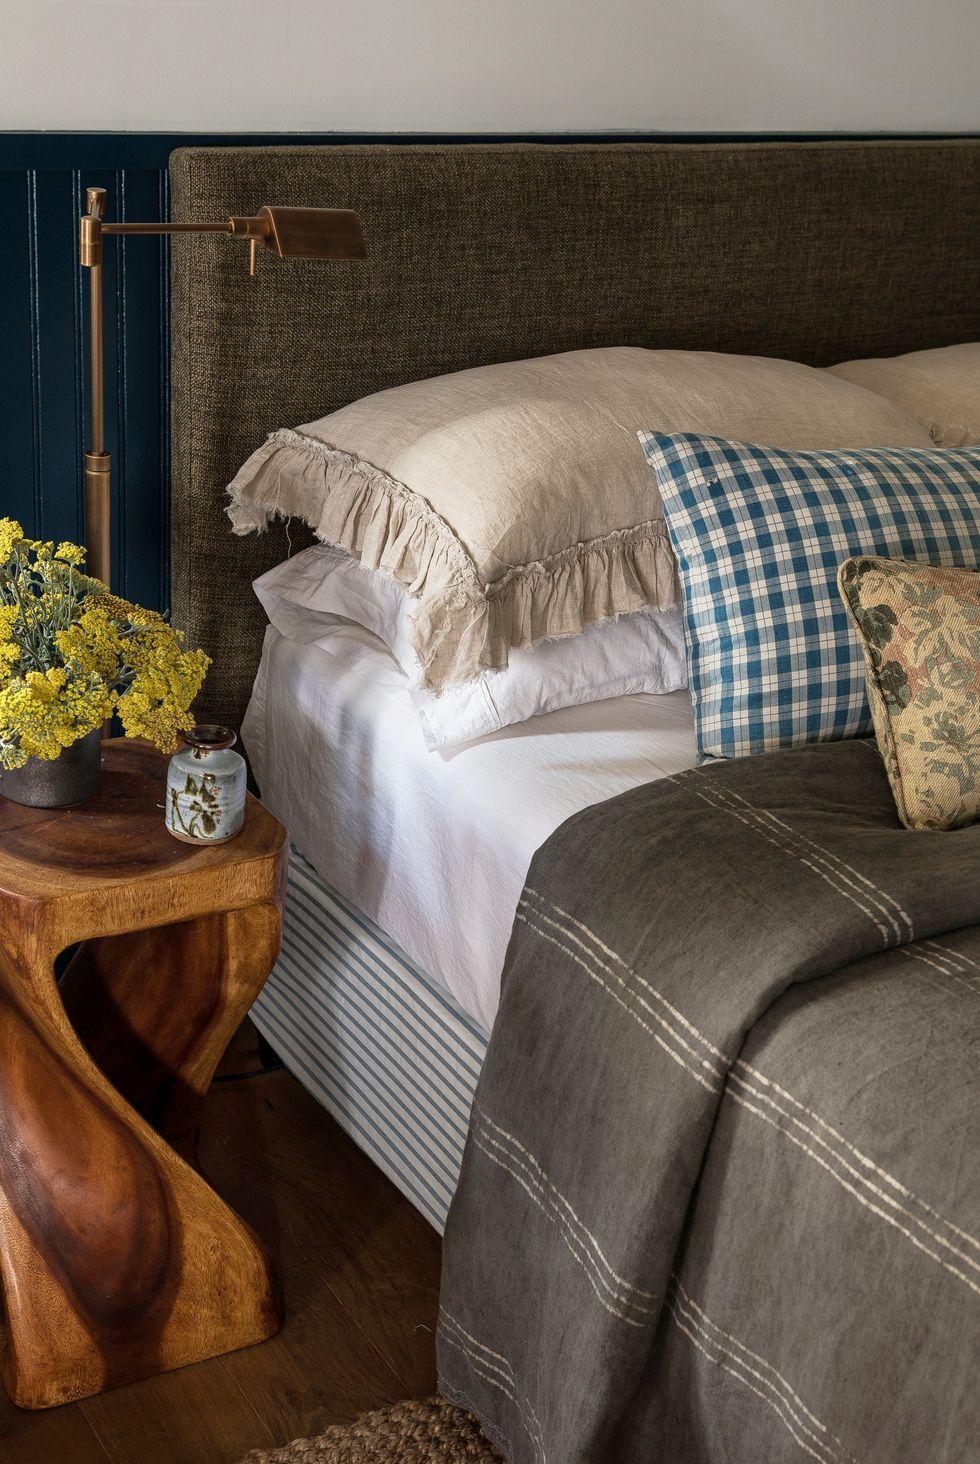 Đồ gỗ trưng bày đầu giường ngủ